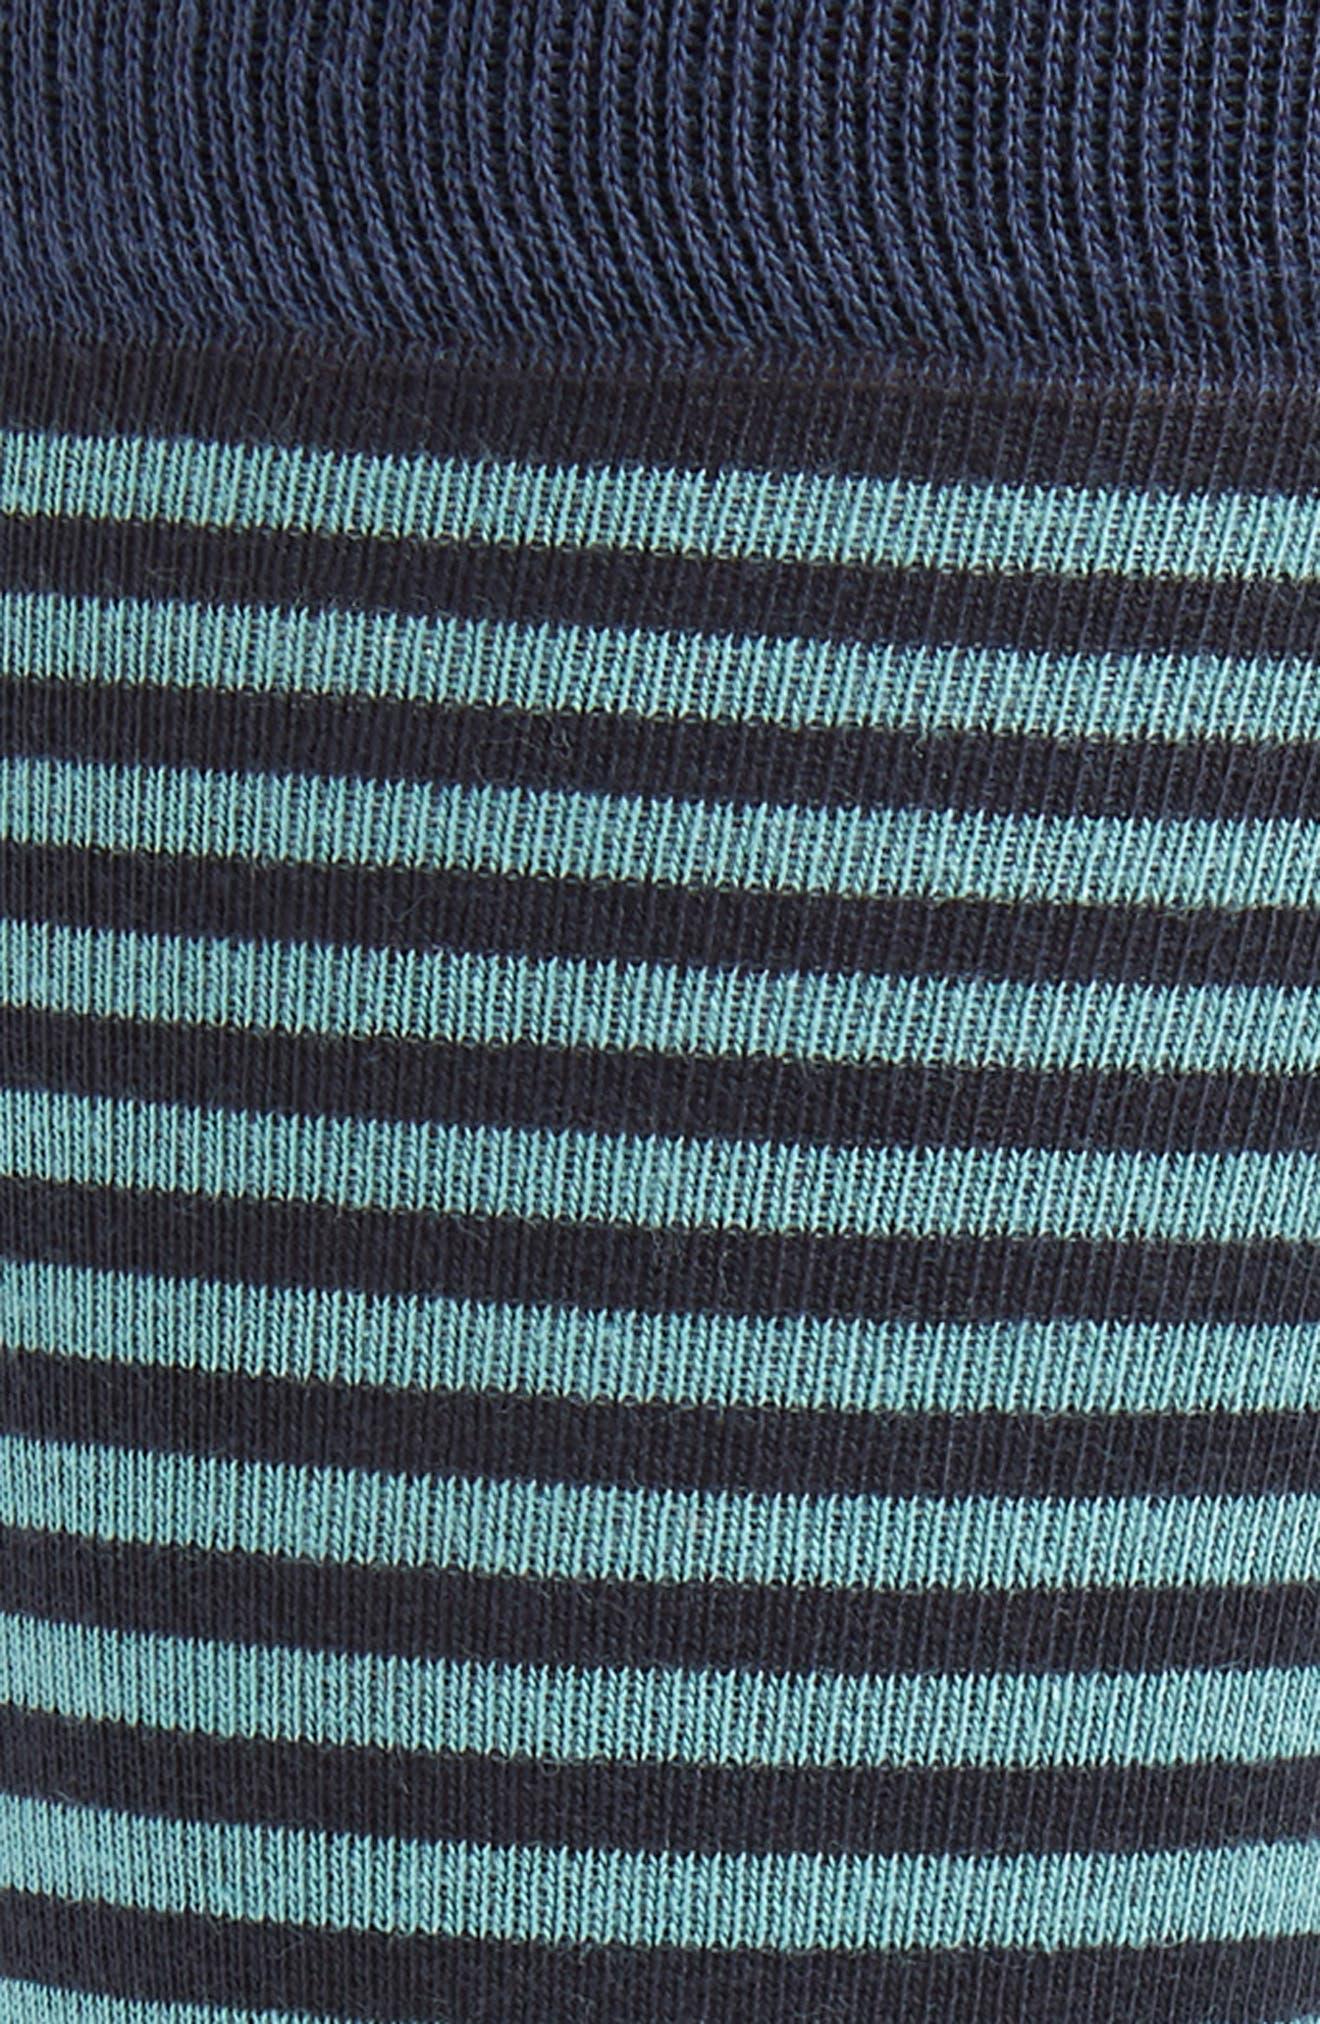 Stripe Socks,                             Alternate thumbnail 2, color,                             NAVY/ GREEN